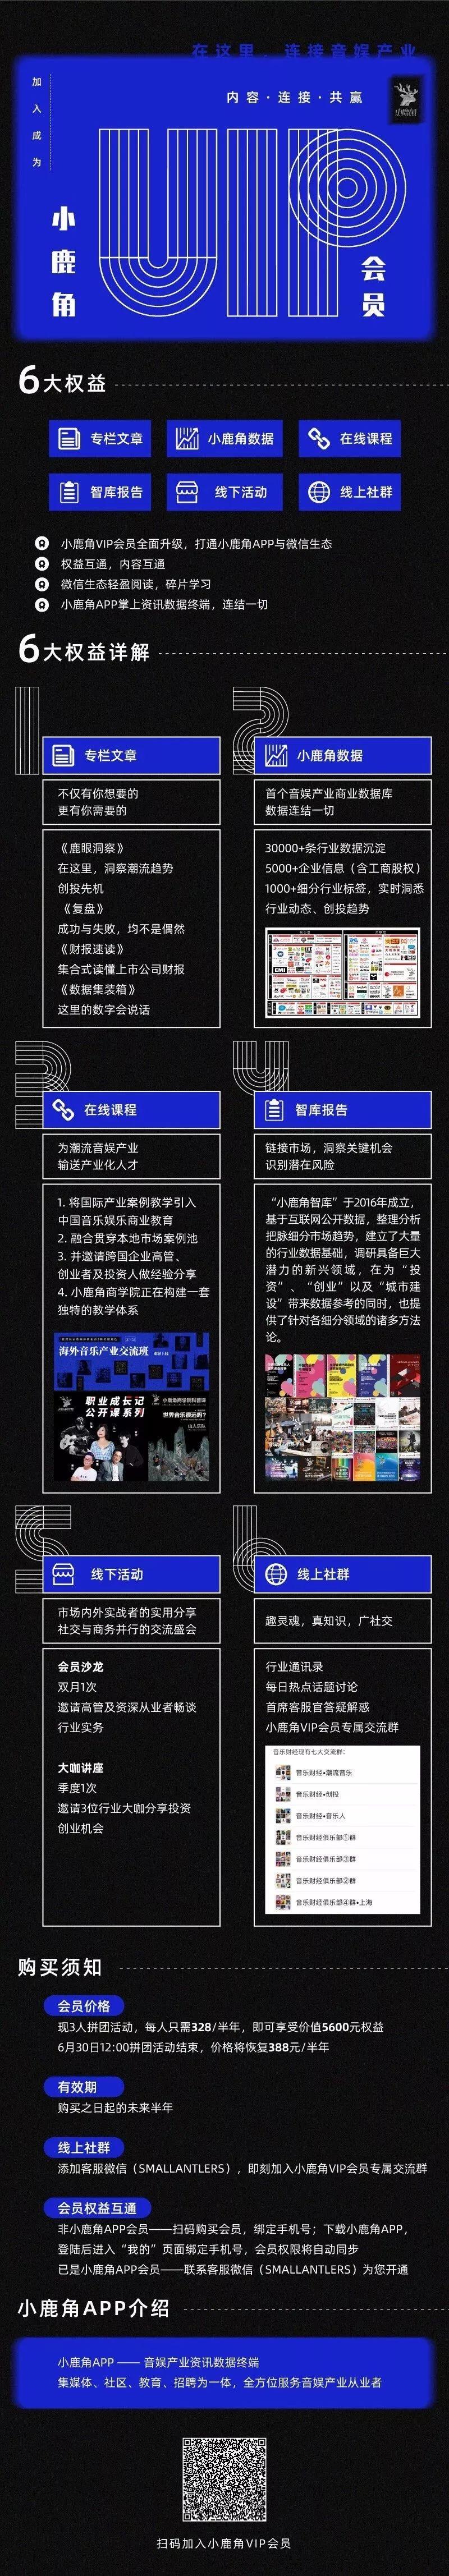 文学-VIP会员优享 | 中国音乐剧全产业链观察(中)(6)